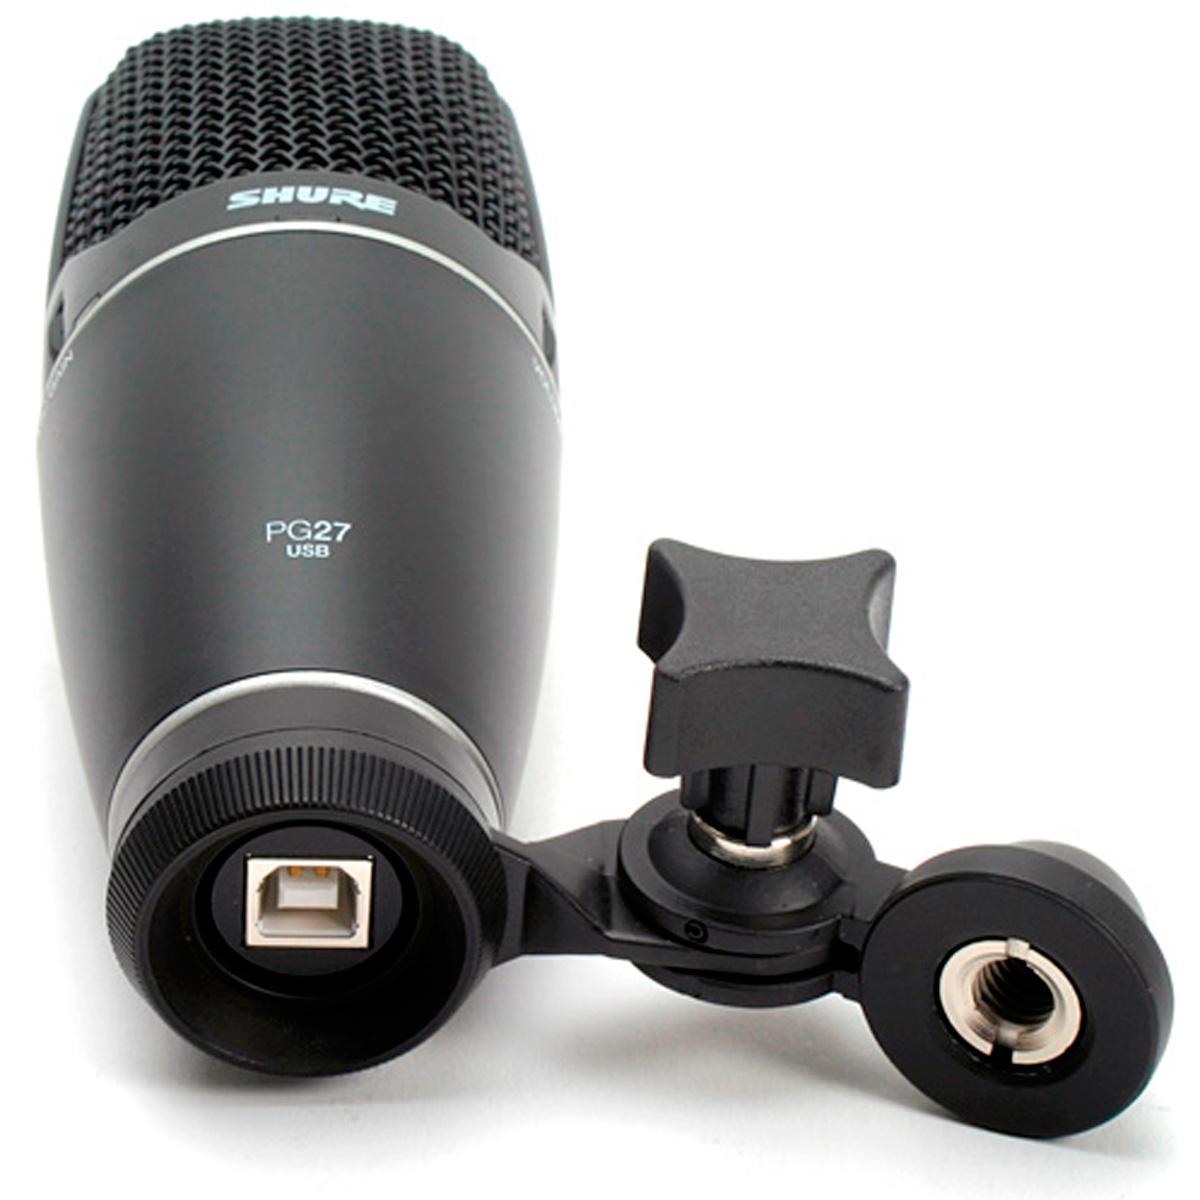 PG27USB - Microfone c/ Fio USB PG 27 USB - Shure